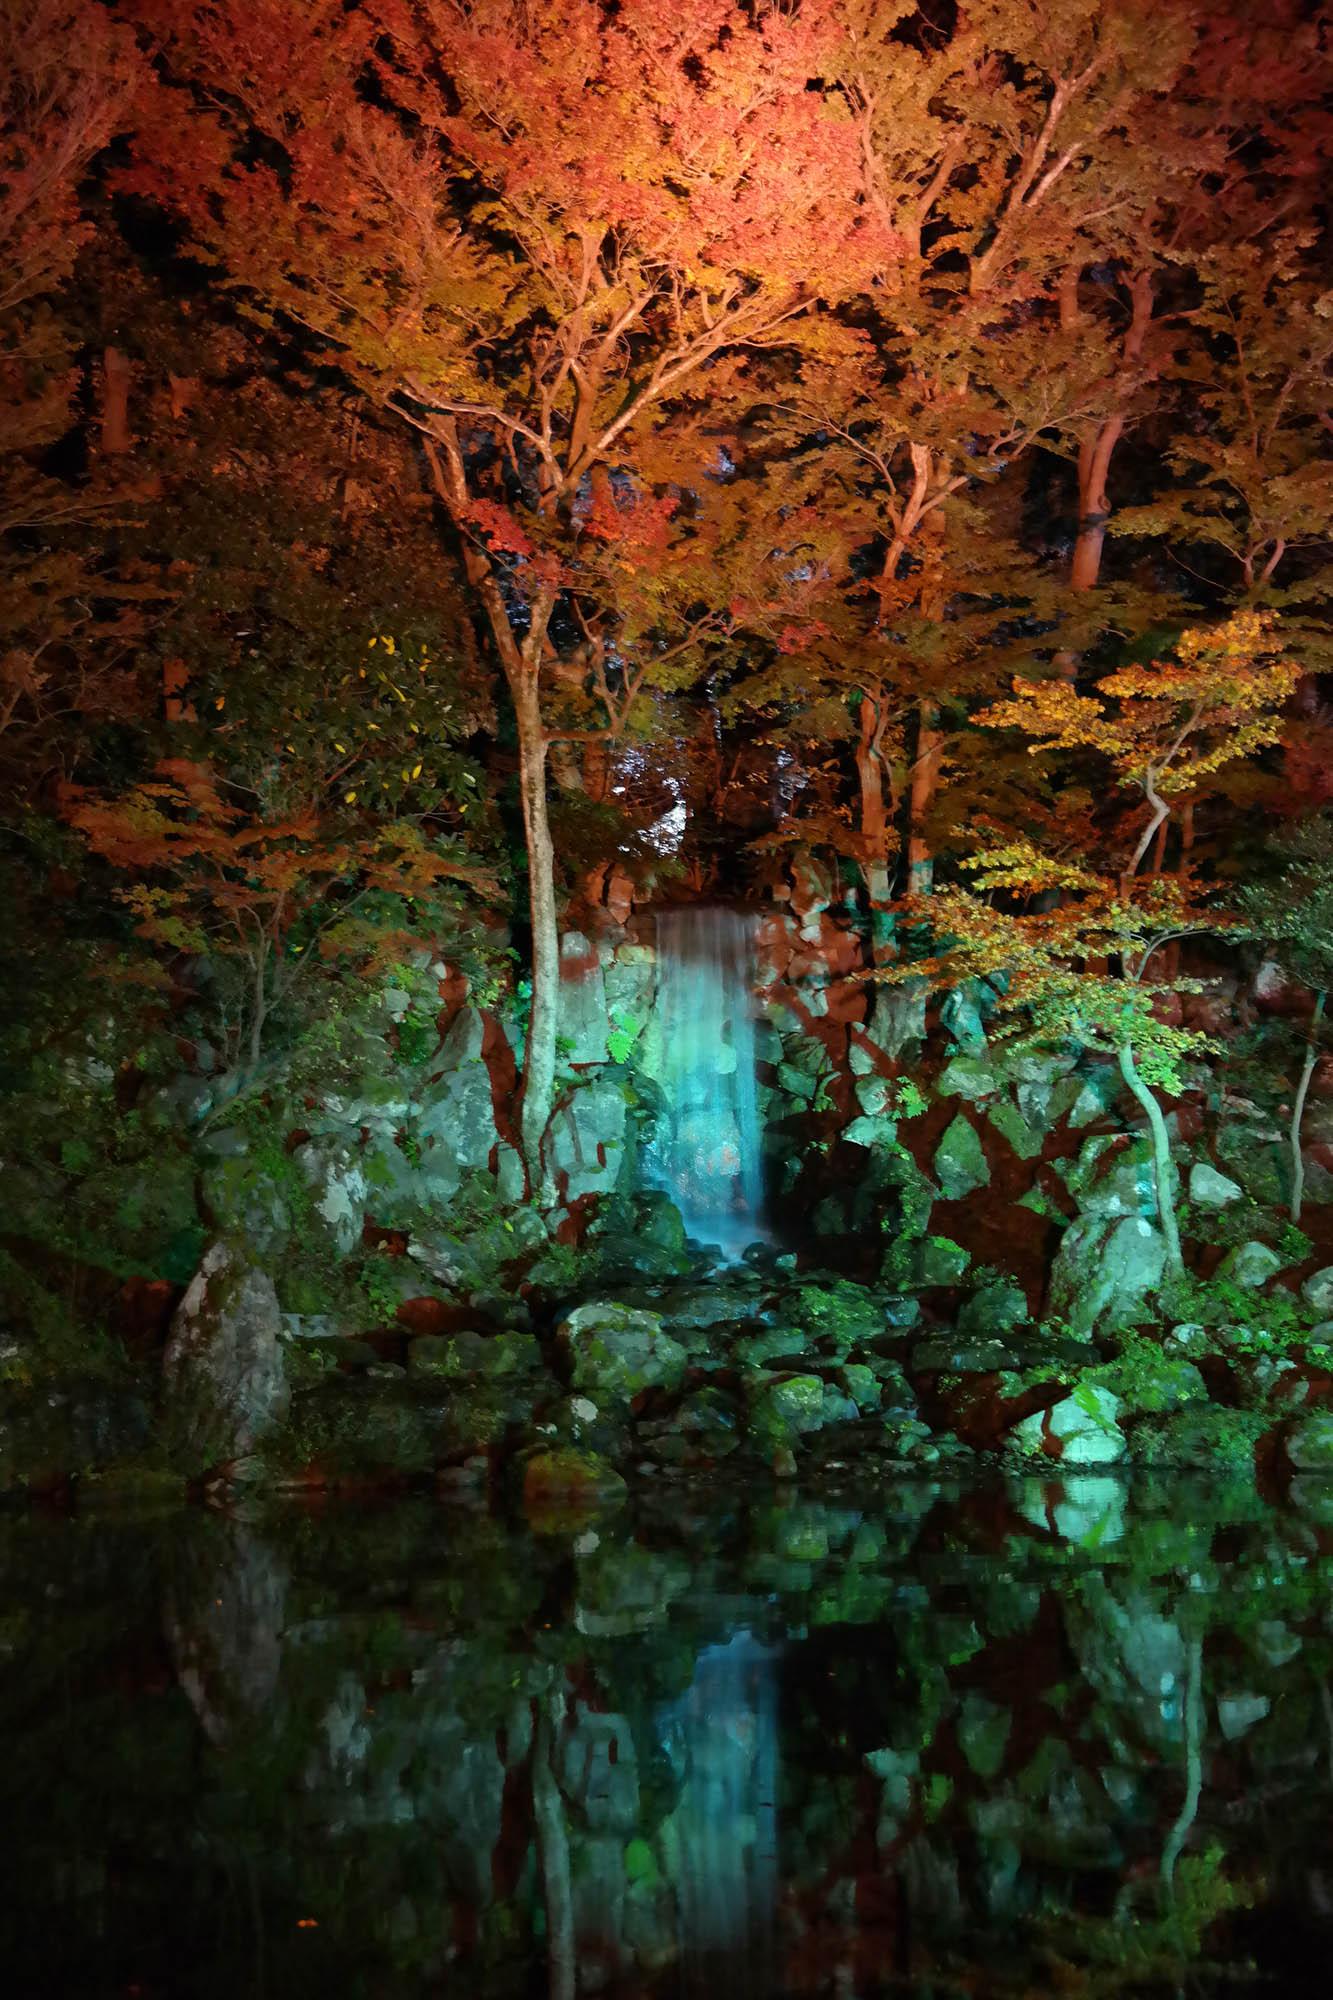 Japanase Garden at night